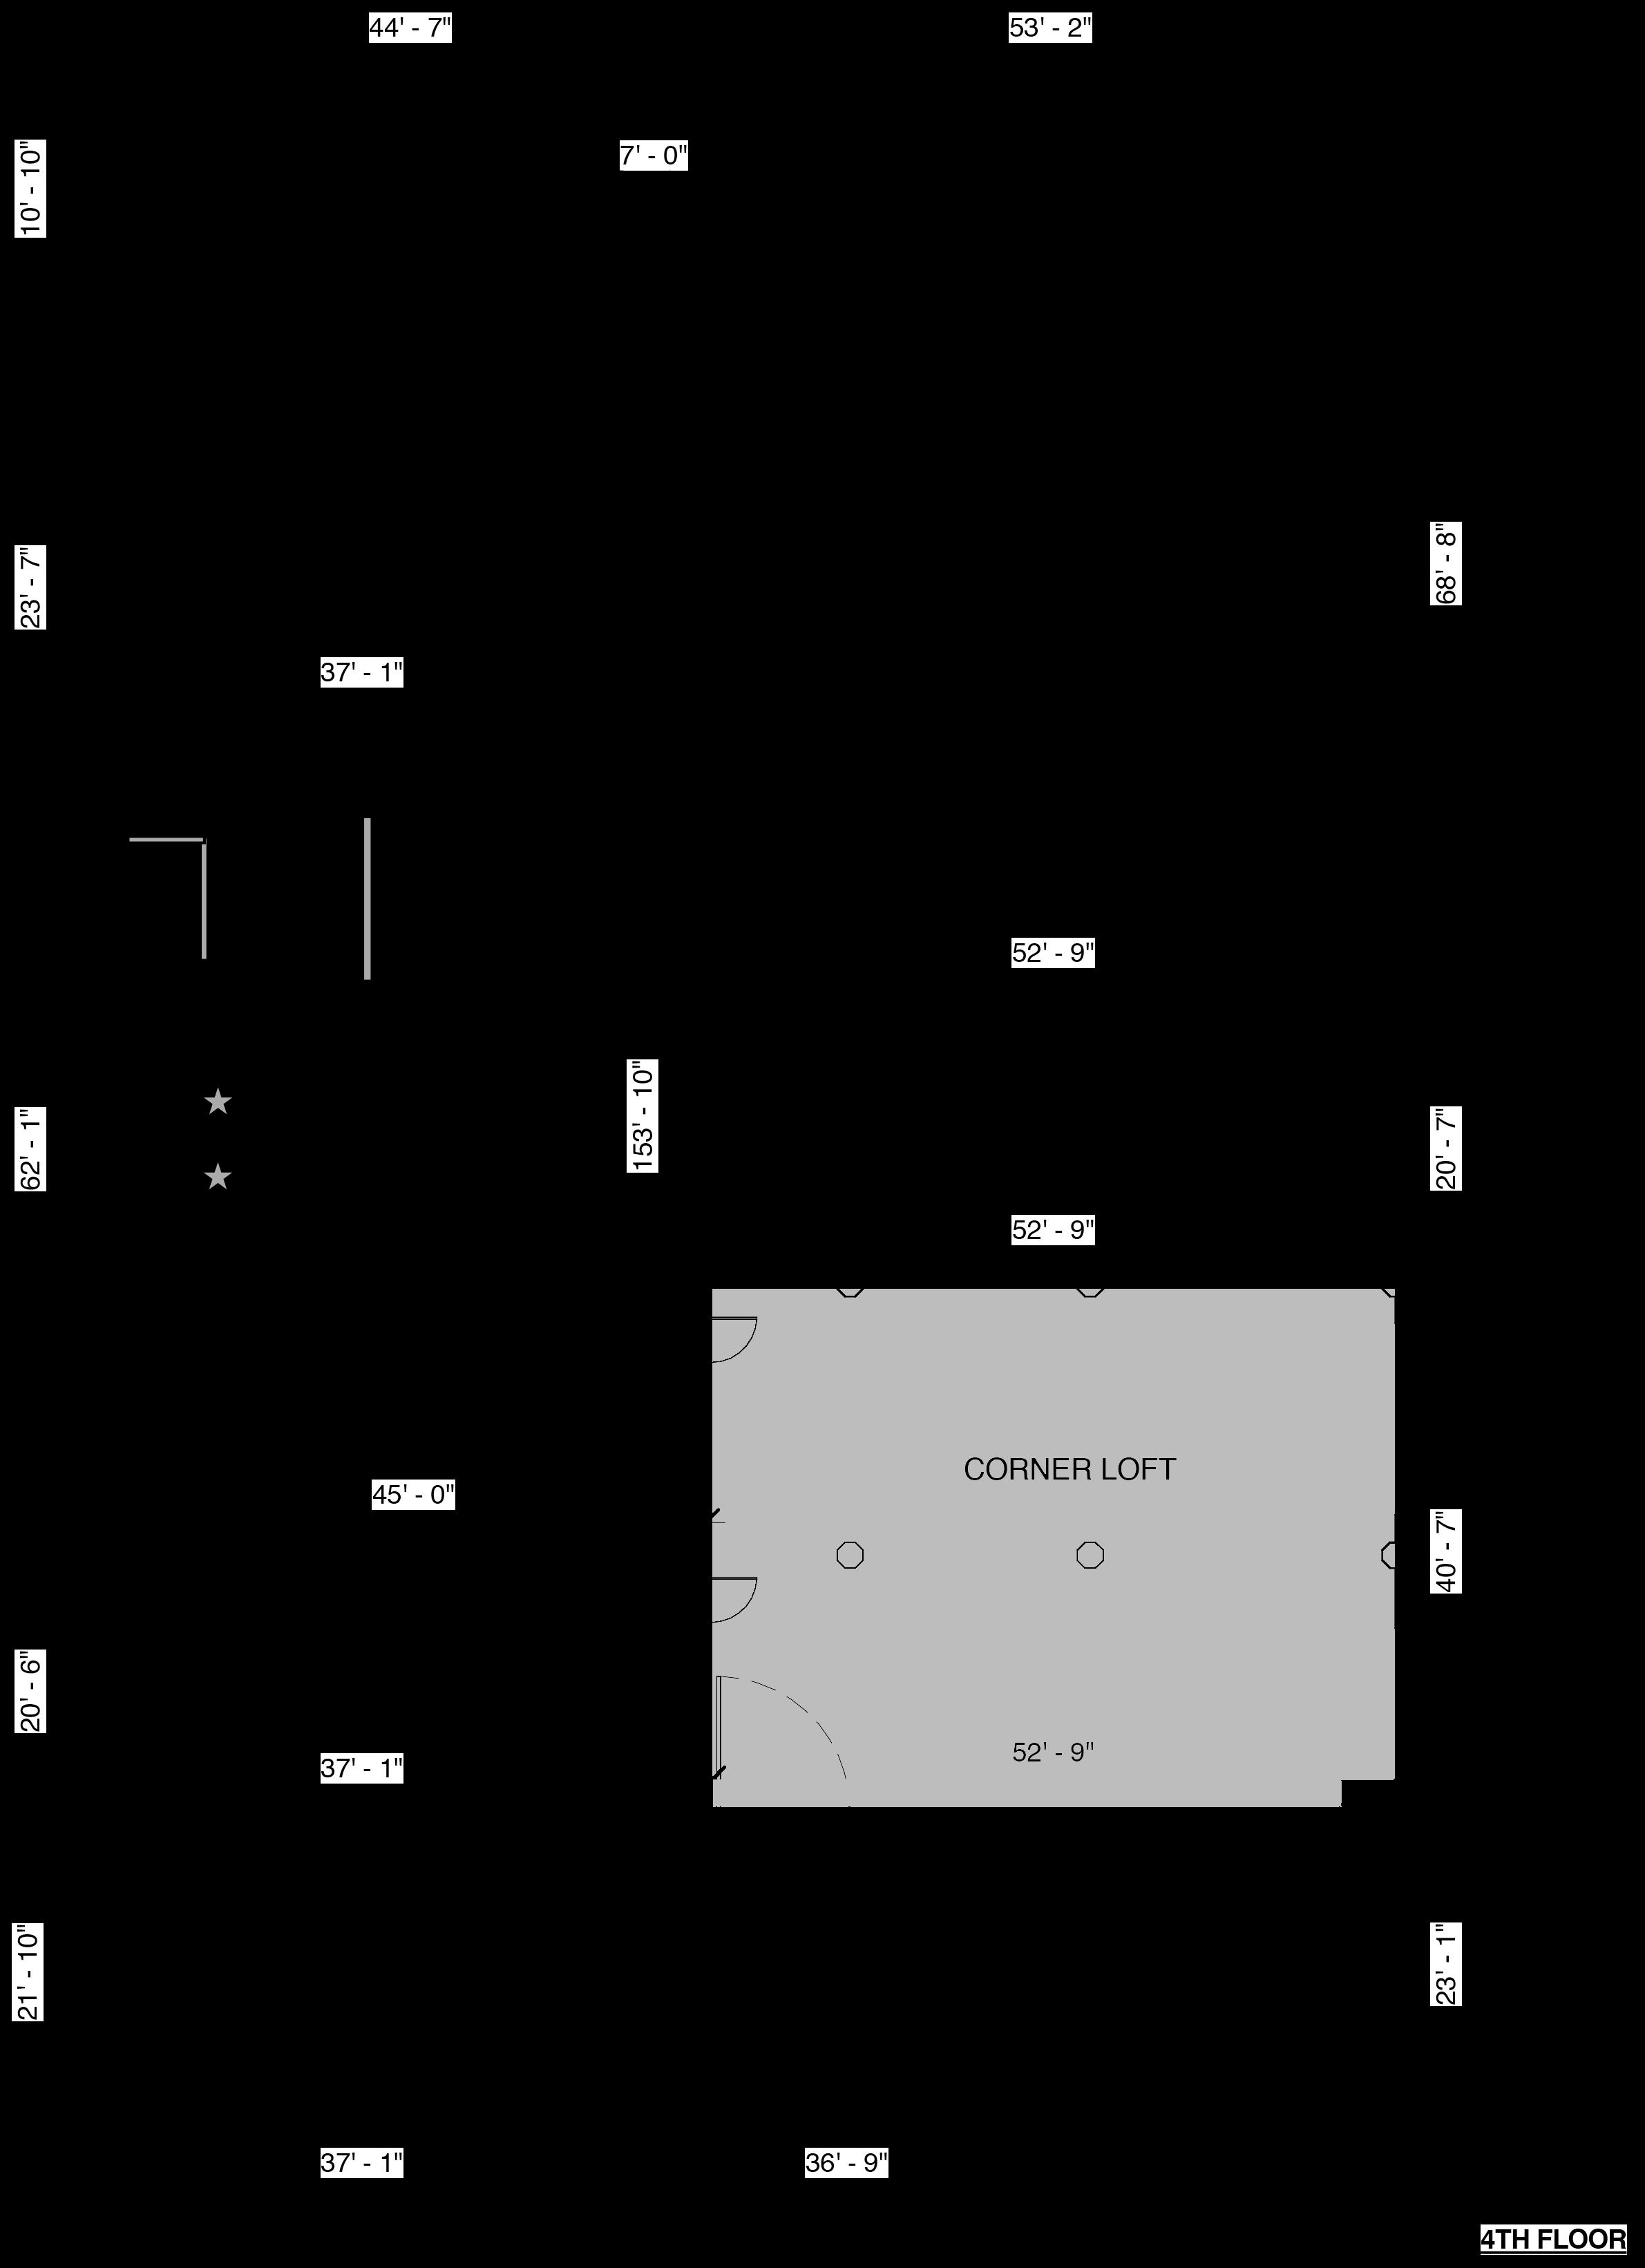 4thFloor_Schematic_HL-shelving copyCL.png